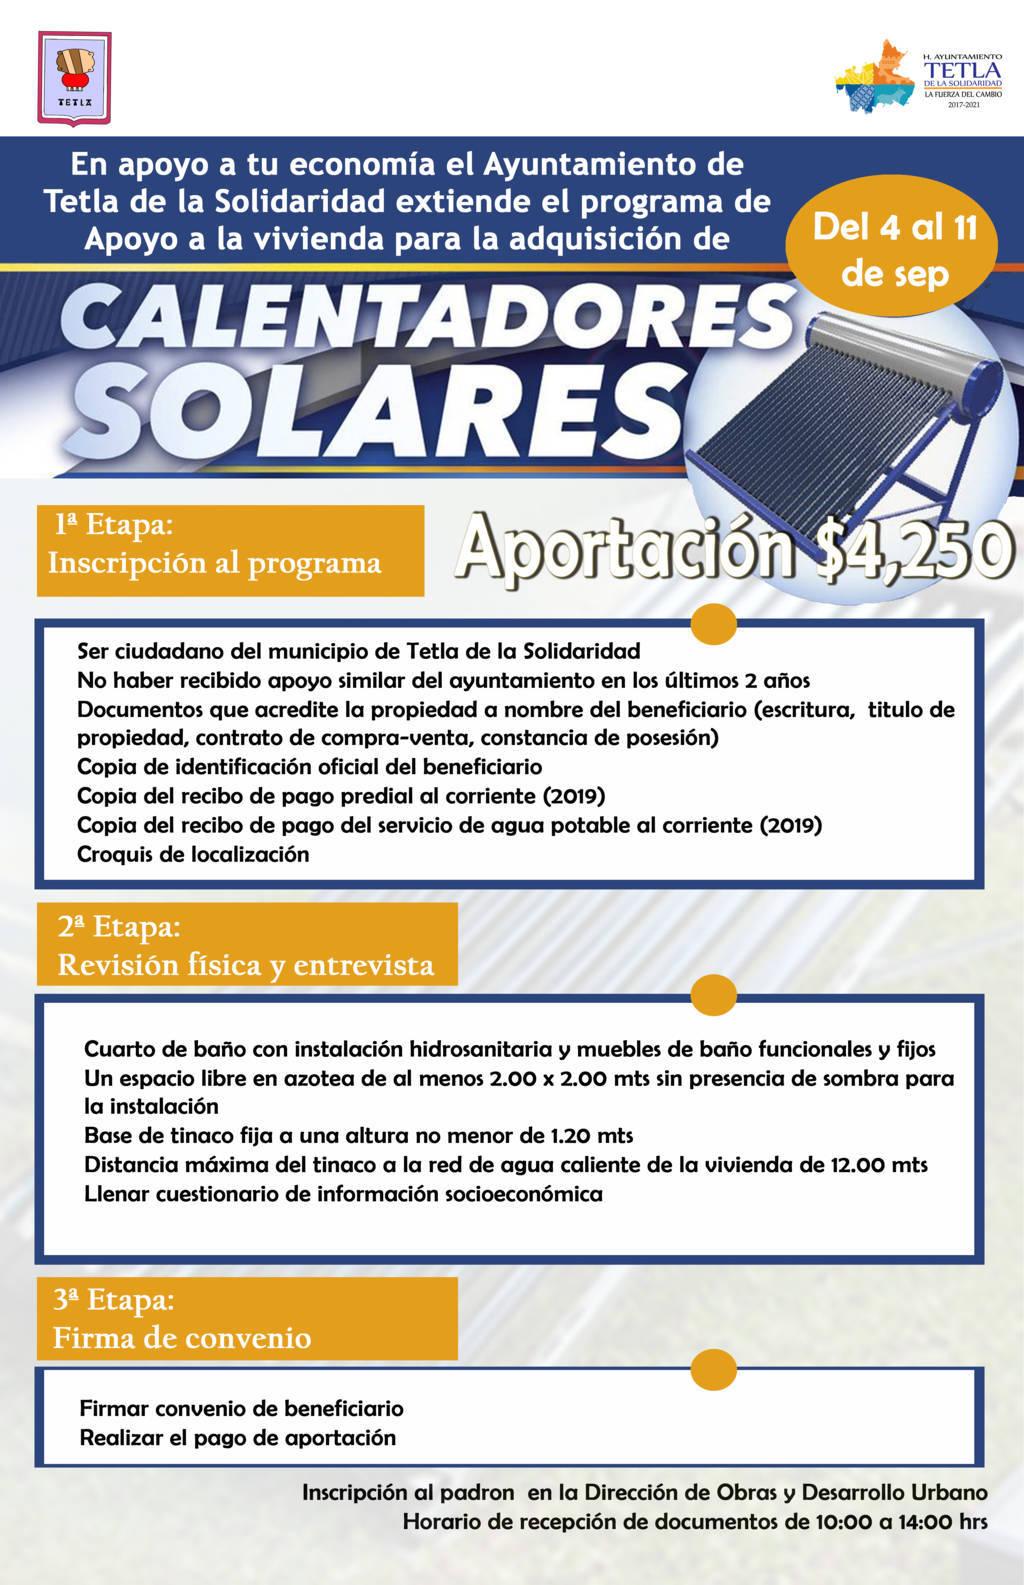 Ayuntamiento de Tetla amplía plazo para adquirir calentadores solares